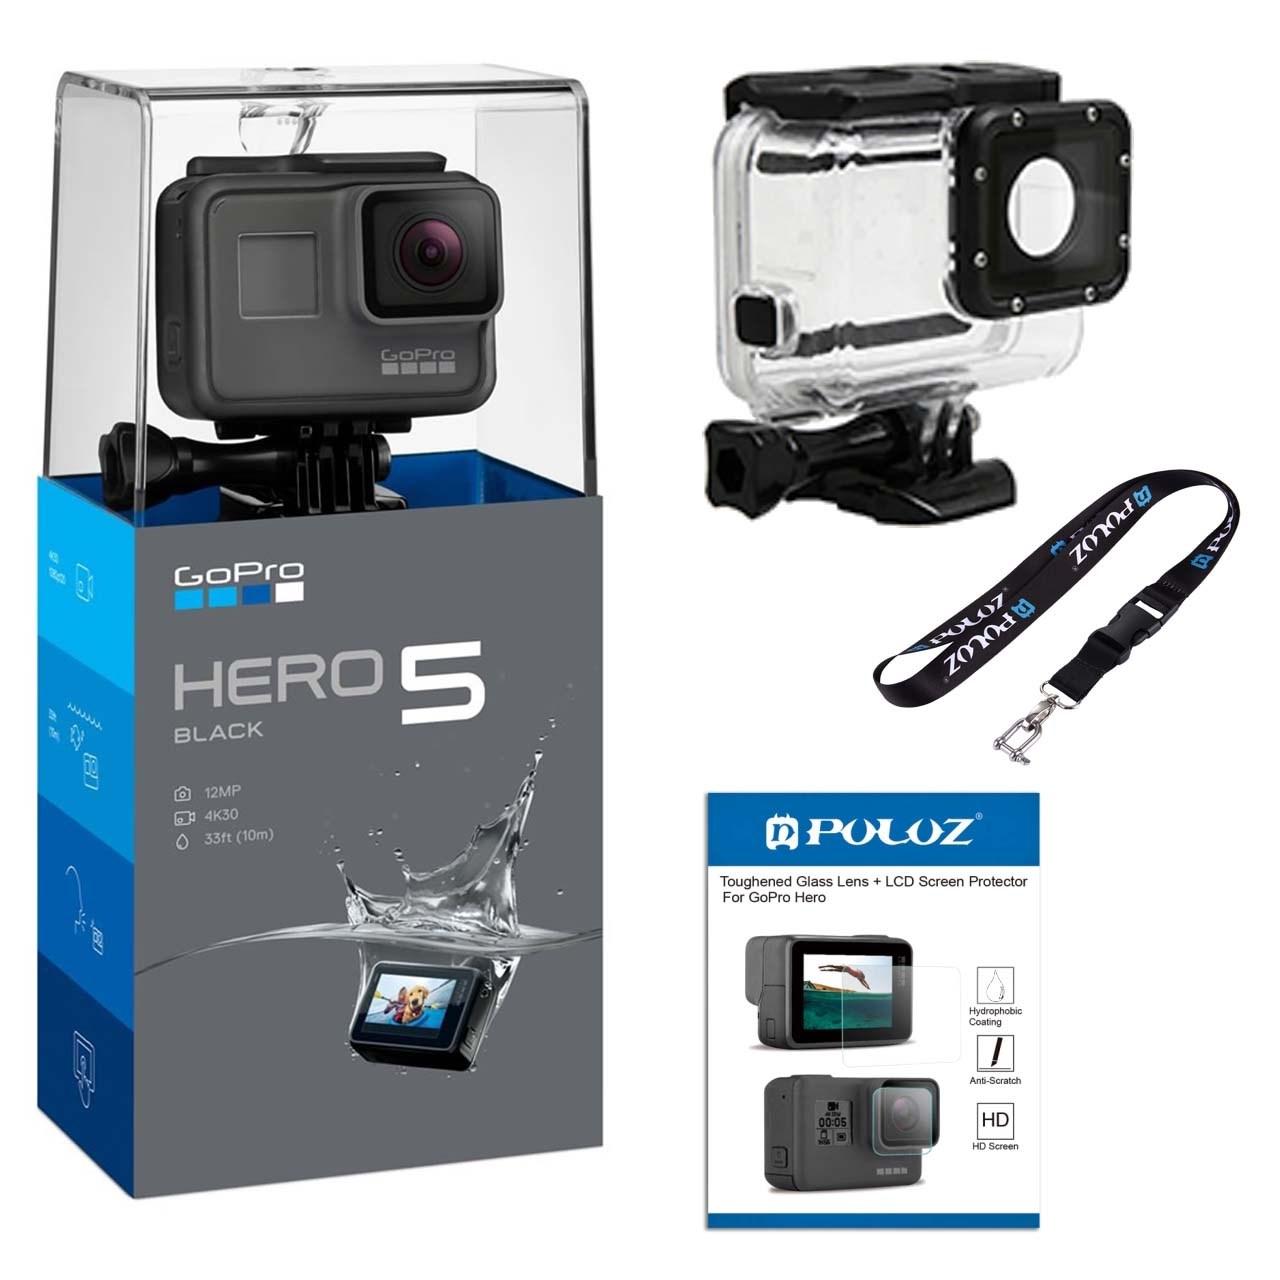 مجموعه دوربین فیلم برداری ورزشی گوپرو مدل HERO5 Black Quick Stories همراه با قاب ضد آب لمسی و بند آویز و محافظ صفحه پلوز